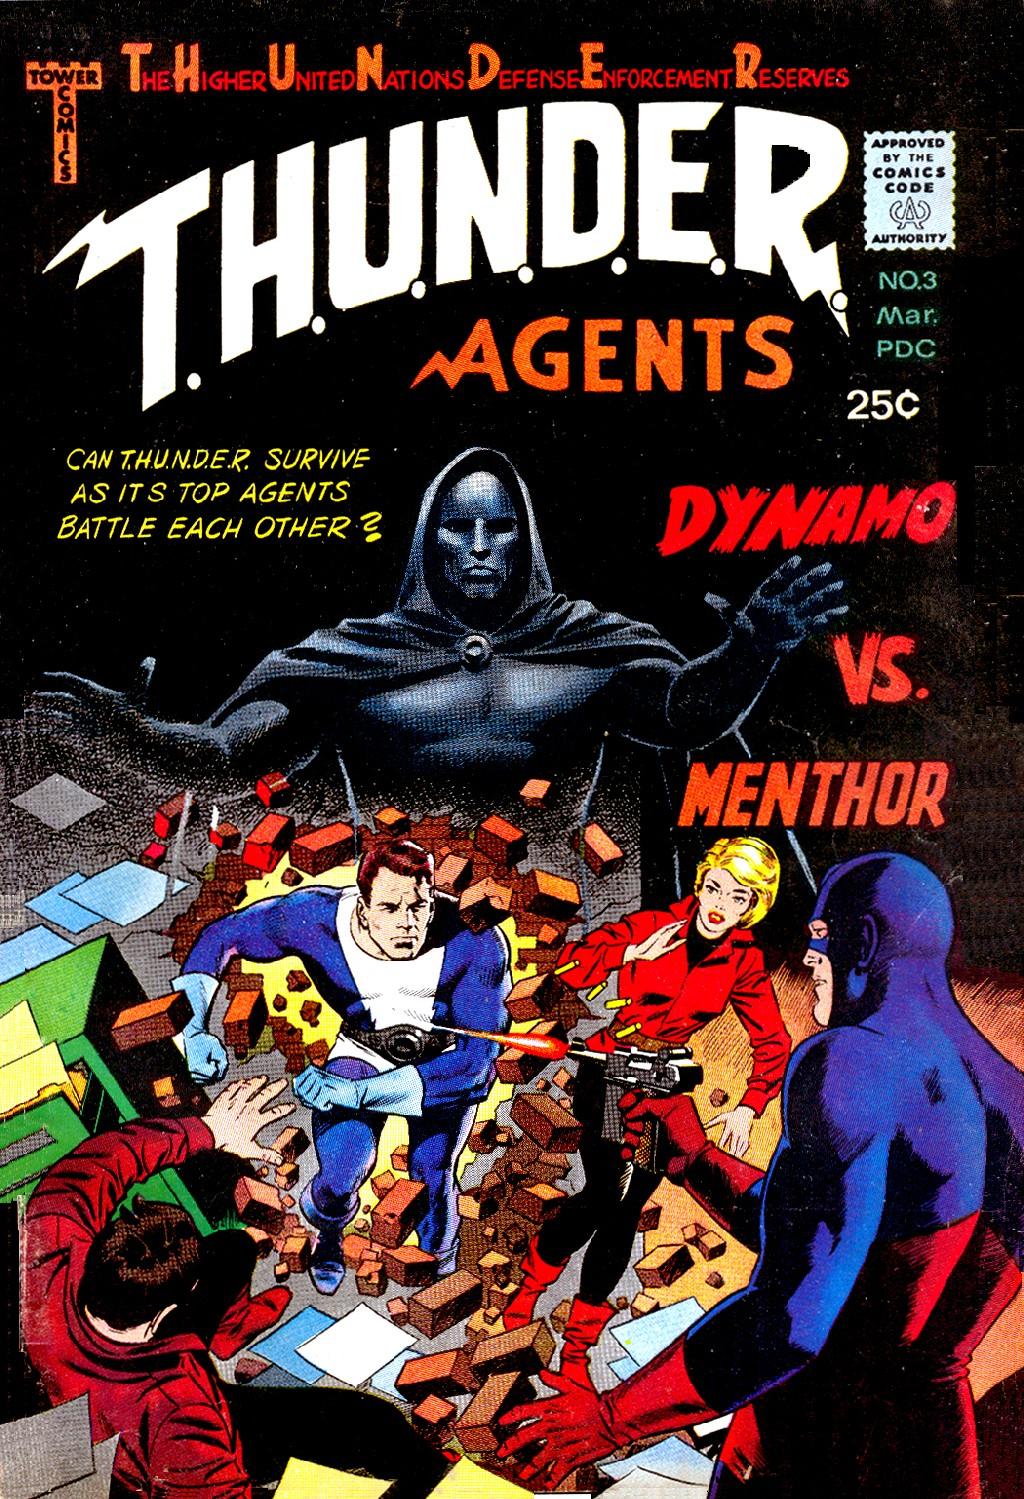 T.H.U.N.D.E.R. Agents (1965) 3 Page 1